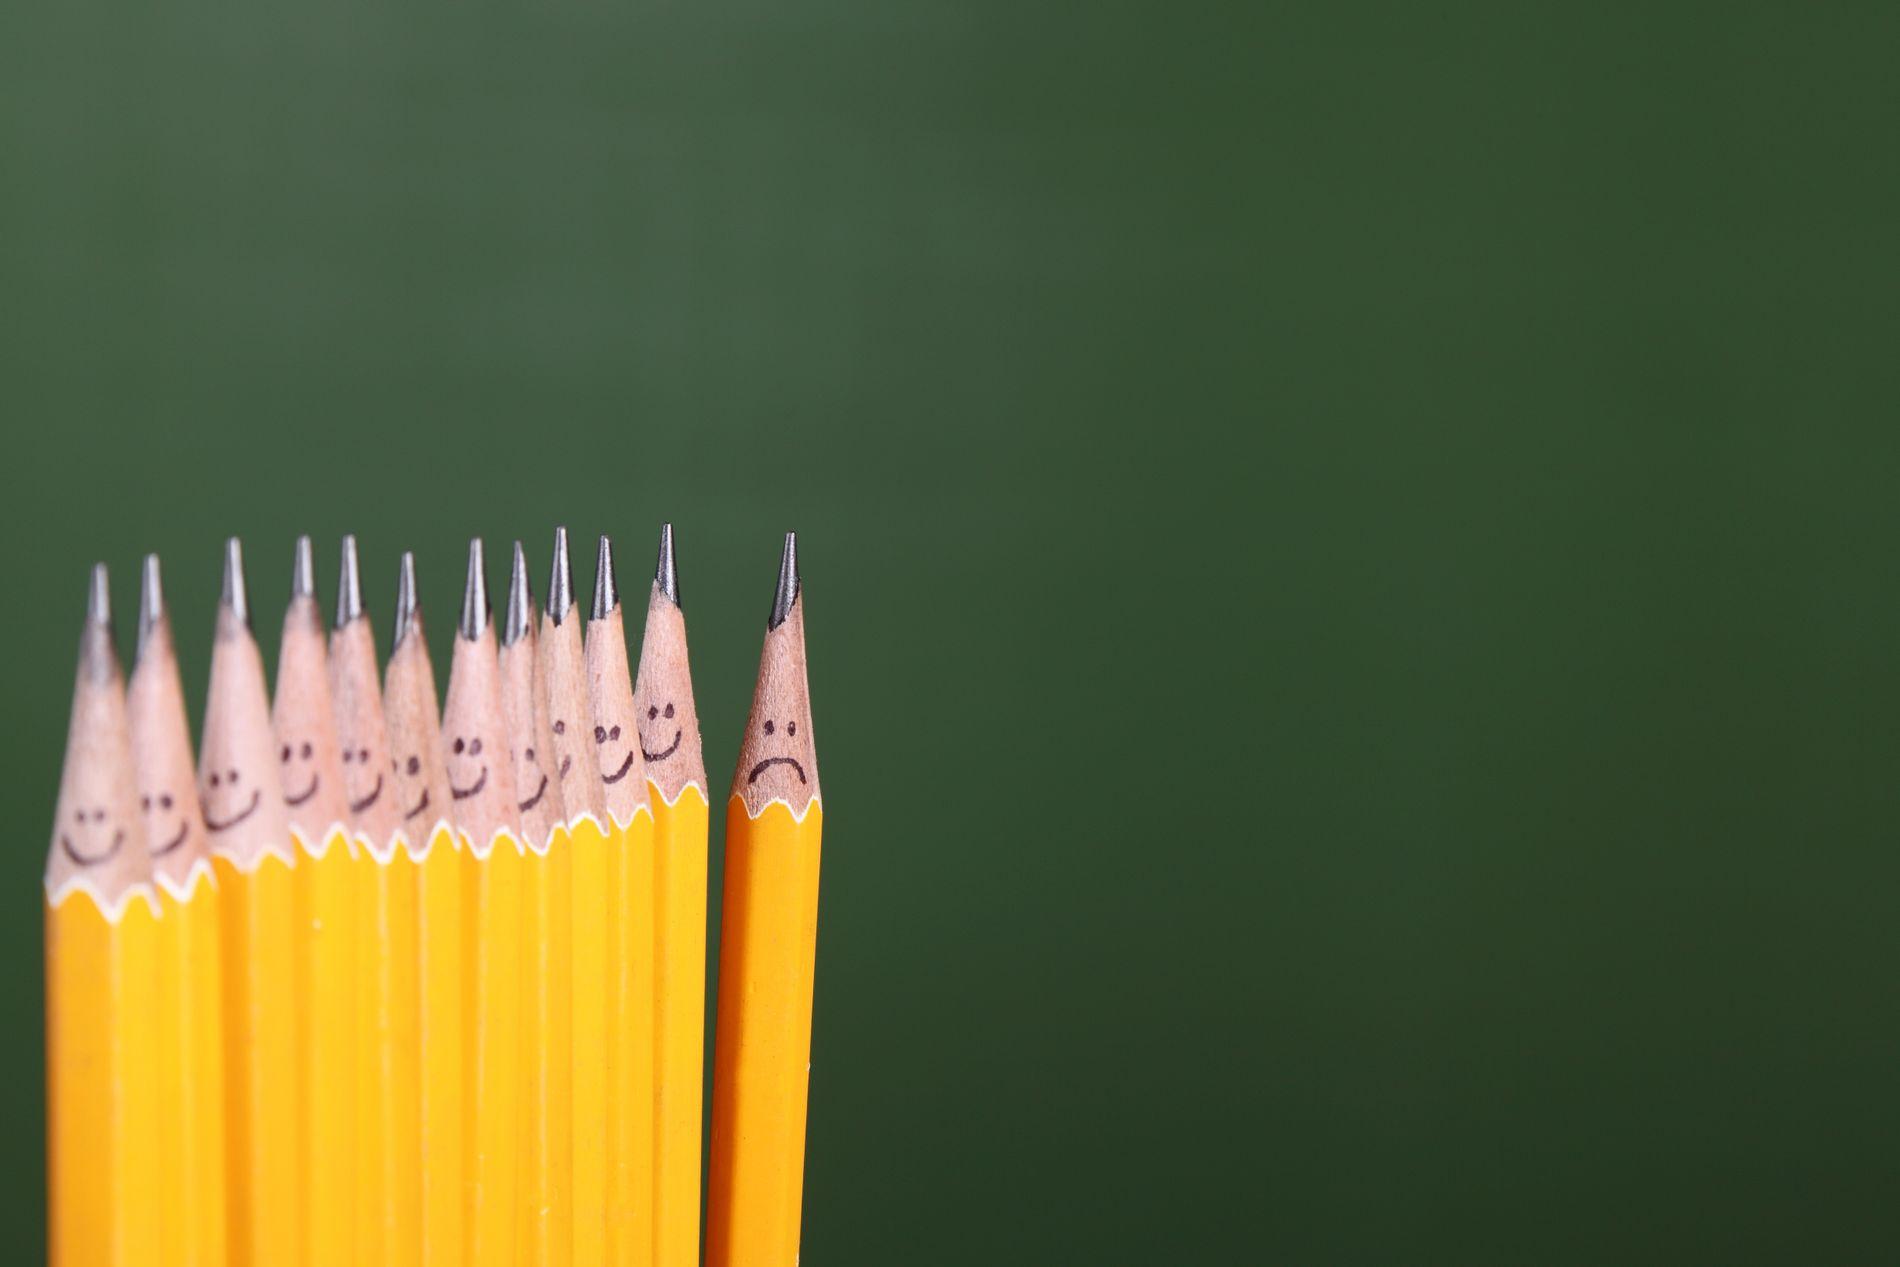 f035b0de DÅRLIG: For de elevene som tilbringer time etter time på skolen uten å  forstå hva undervisningen handler om, som har lite å bidra med når klassen  har ...